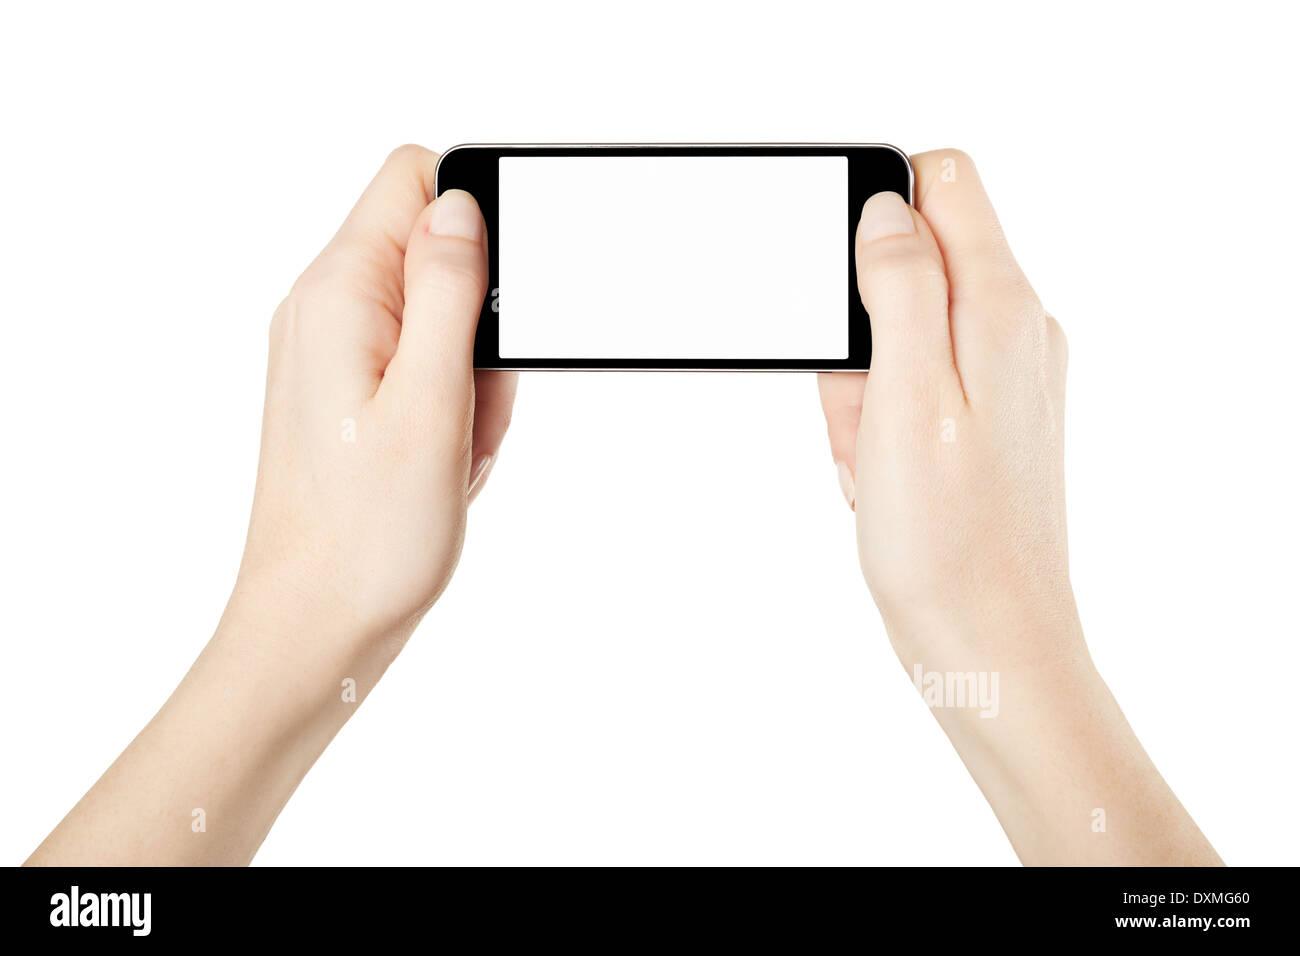 Hands holding smartphone à l'horizontale, les jeux Photo Stock